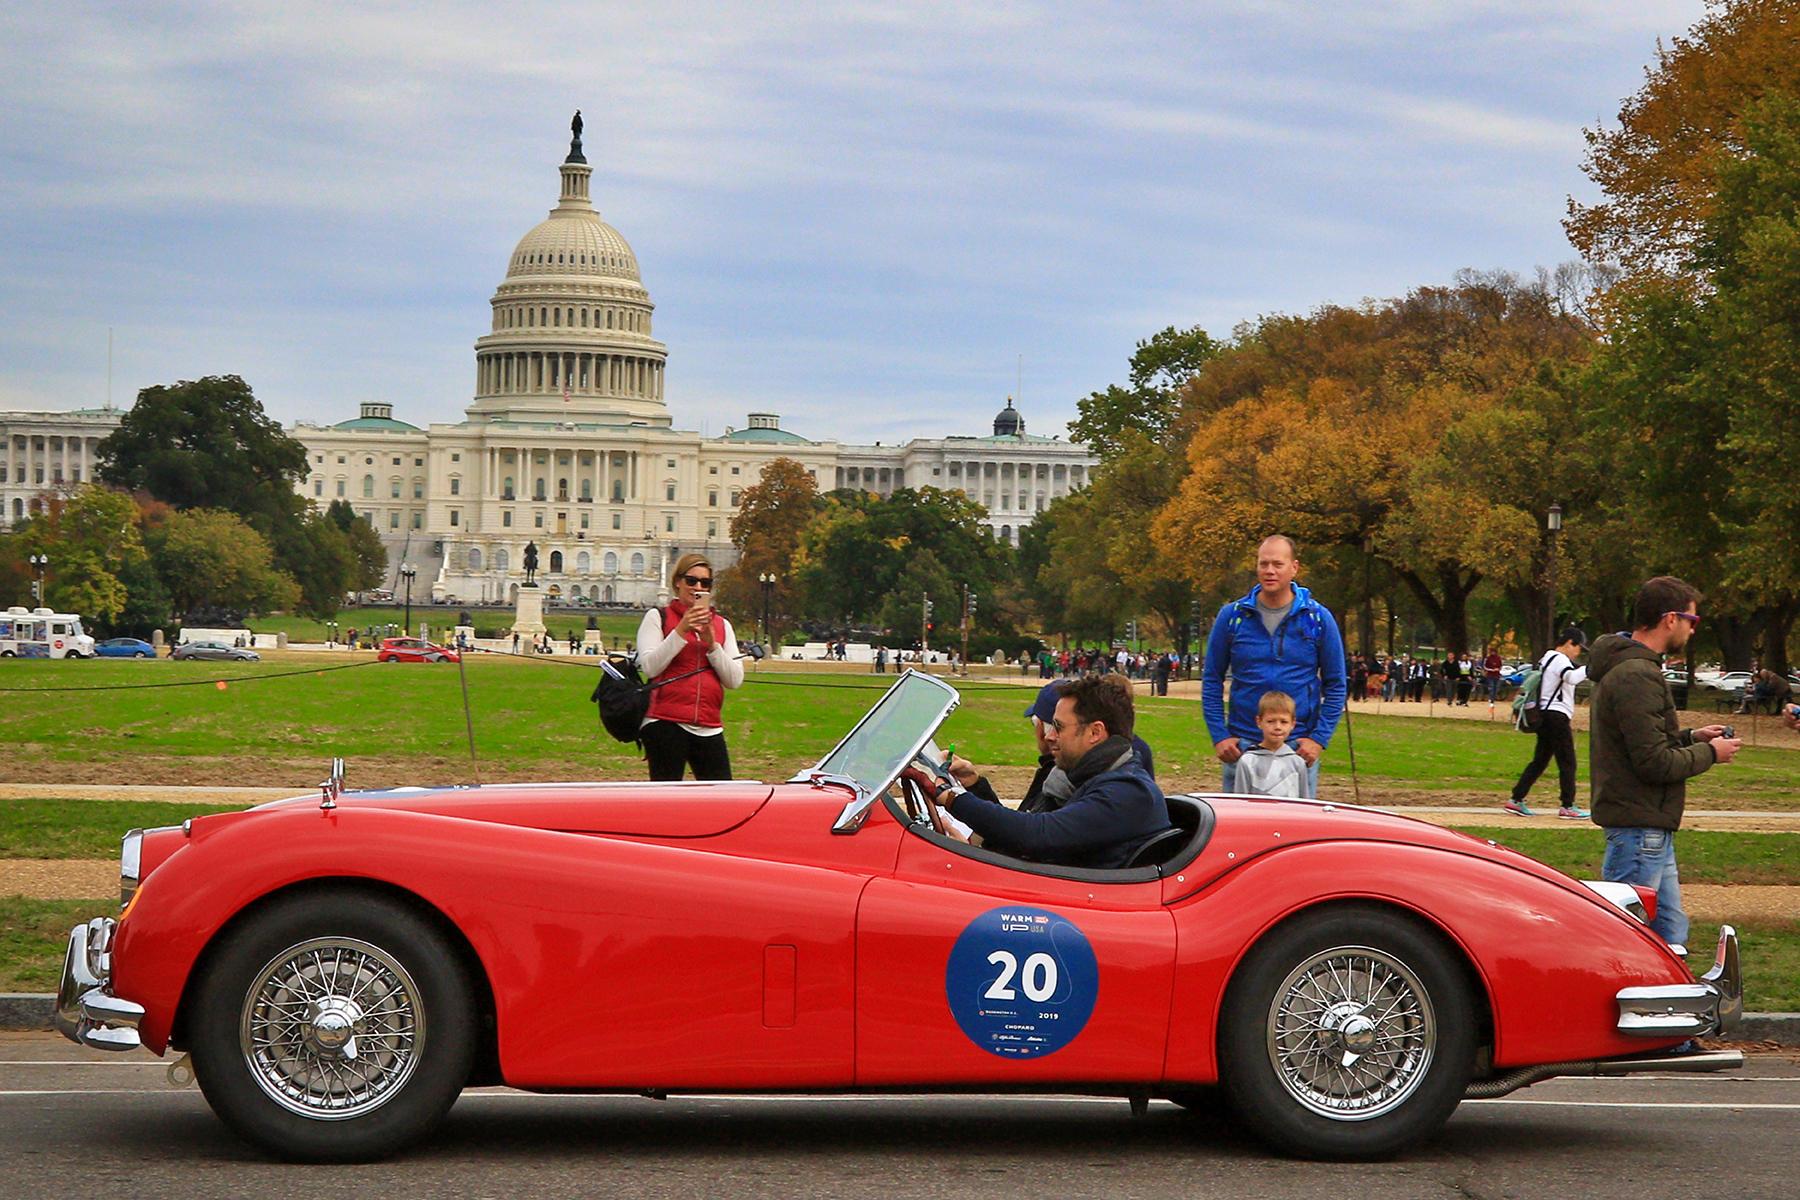 Centigrade - 1000 Mille Miglia Warm Up USA